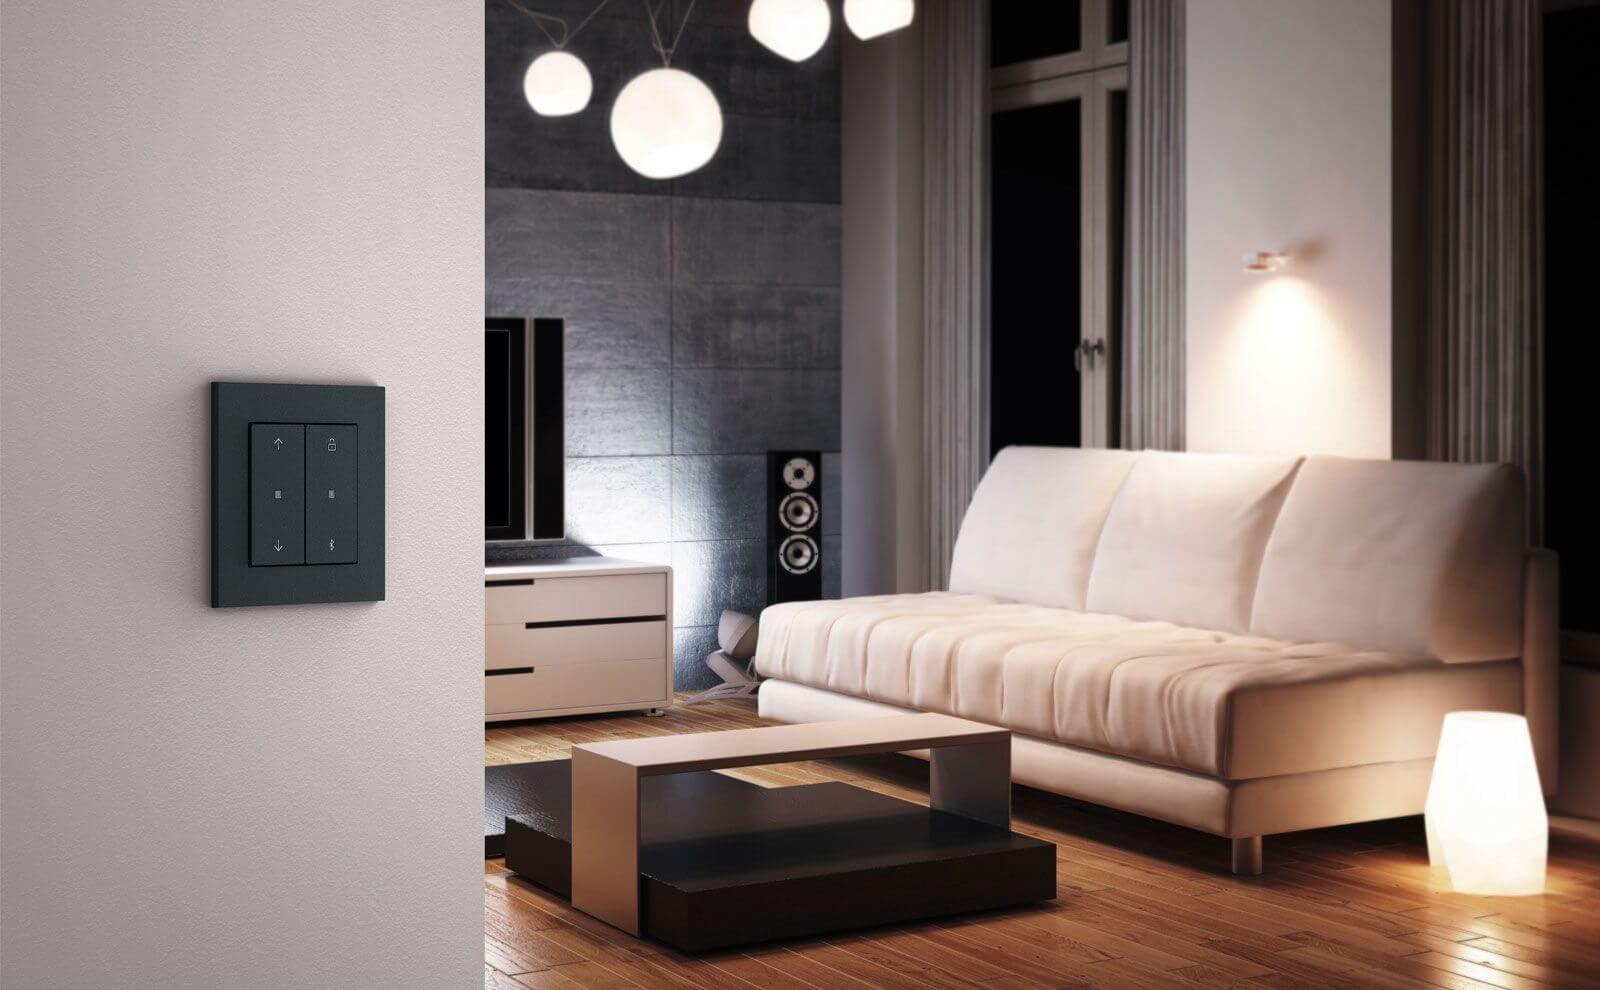 Gira System 3000 Jalousie- und Lichtsteuerung in E2 Designlinie im Wohnzimmer mit Soundanlage